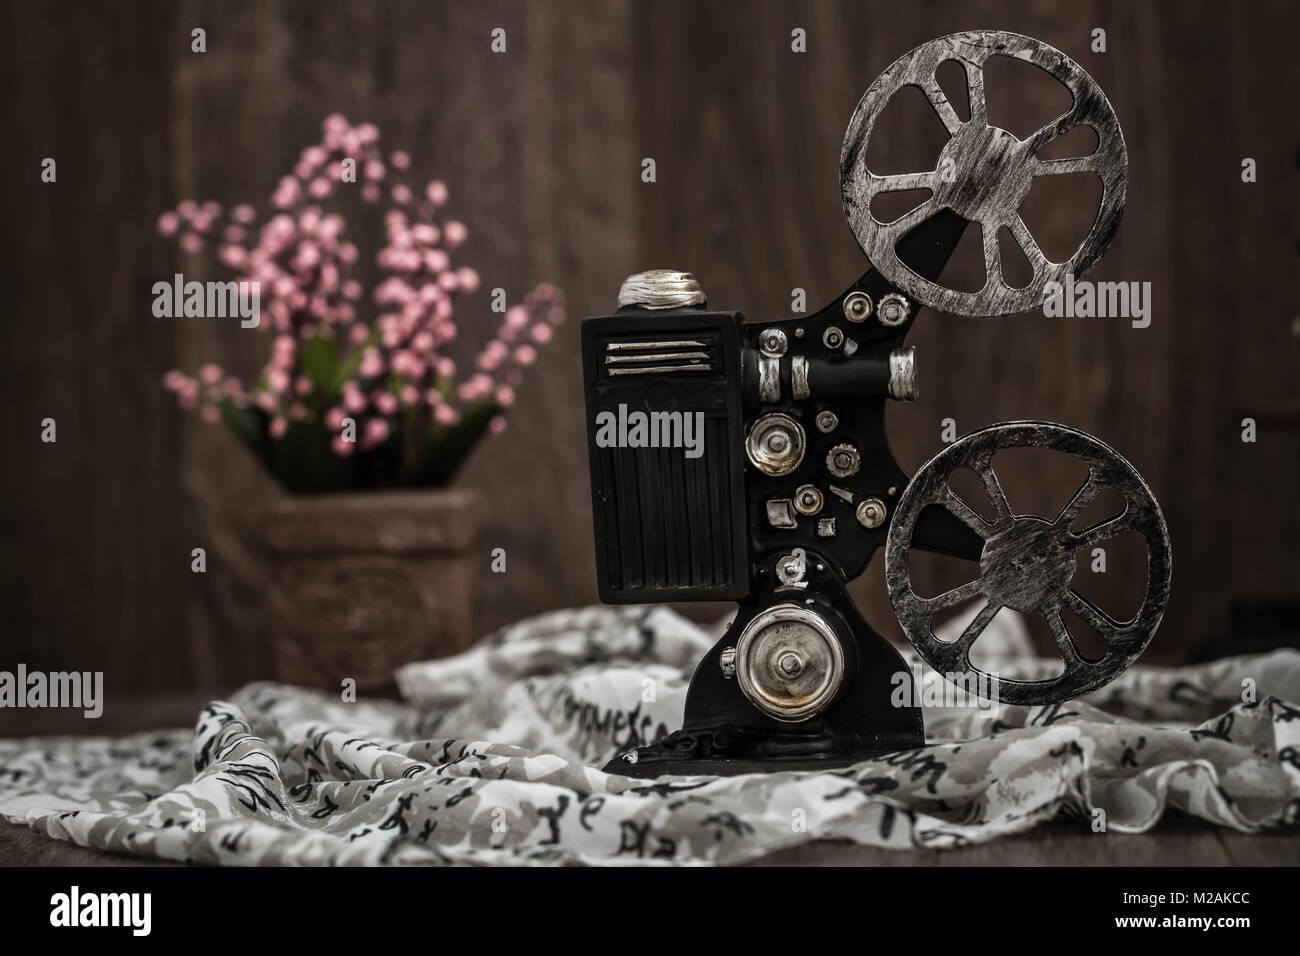 Kleine dekorative nostalgische Filmkamera auf braunem Holz Hintergrund Stockbild